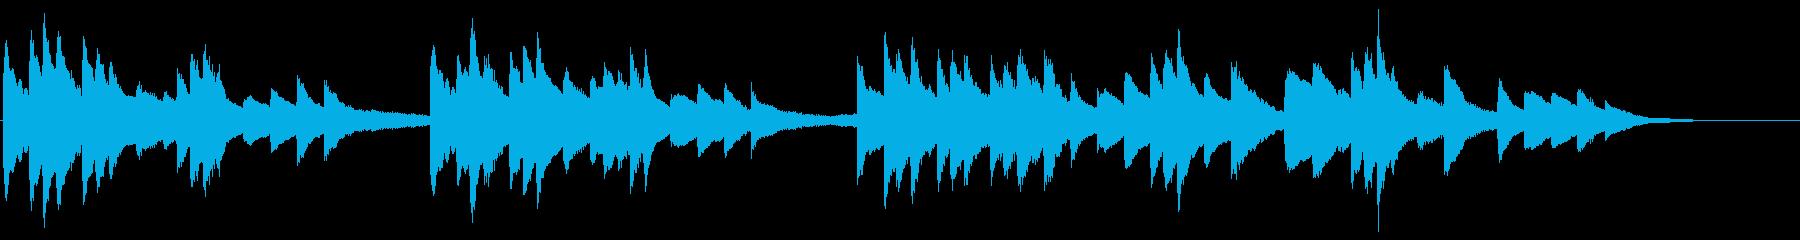 日本の夏に合うピアノの再生済みの波形